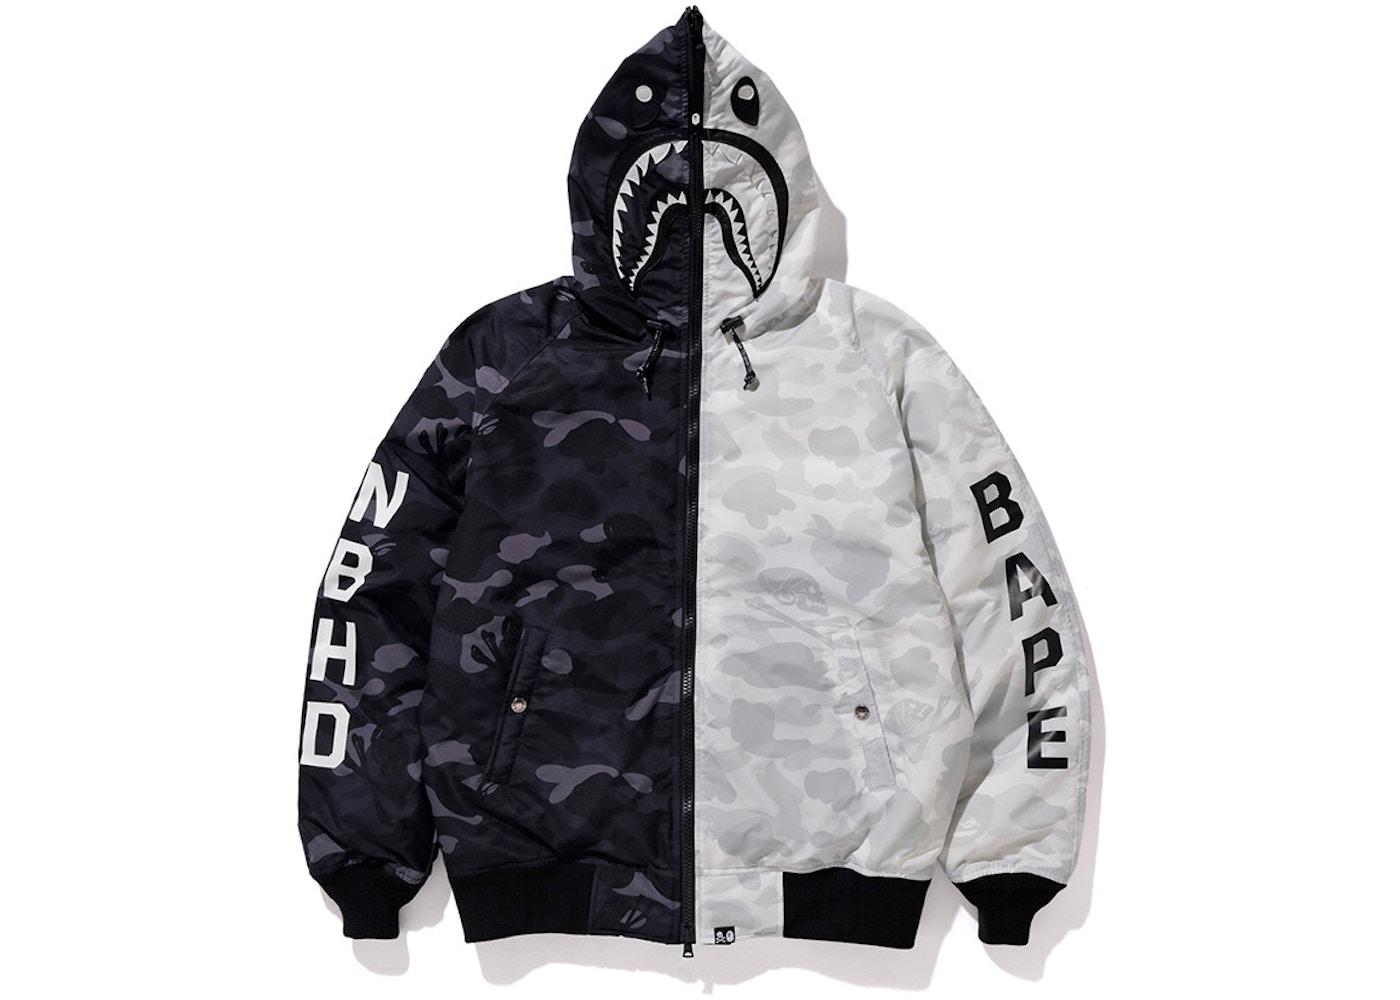 89a2e92b76e4 Buy   Sell Bape Streetwear - Highest Bid